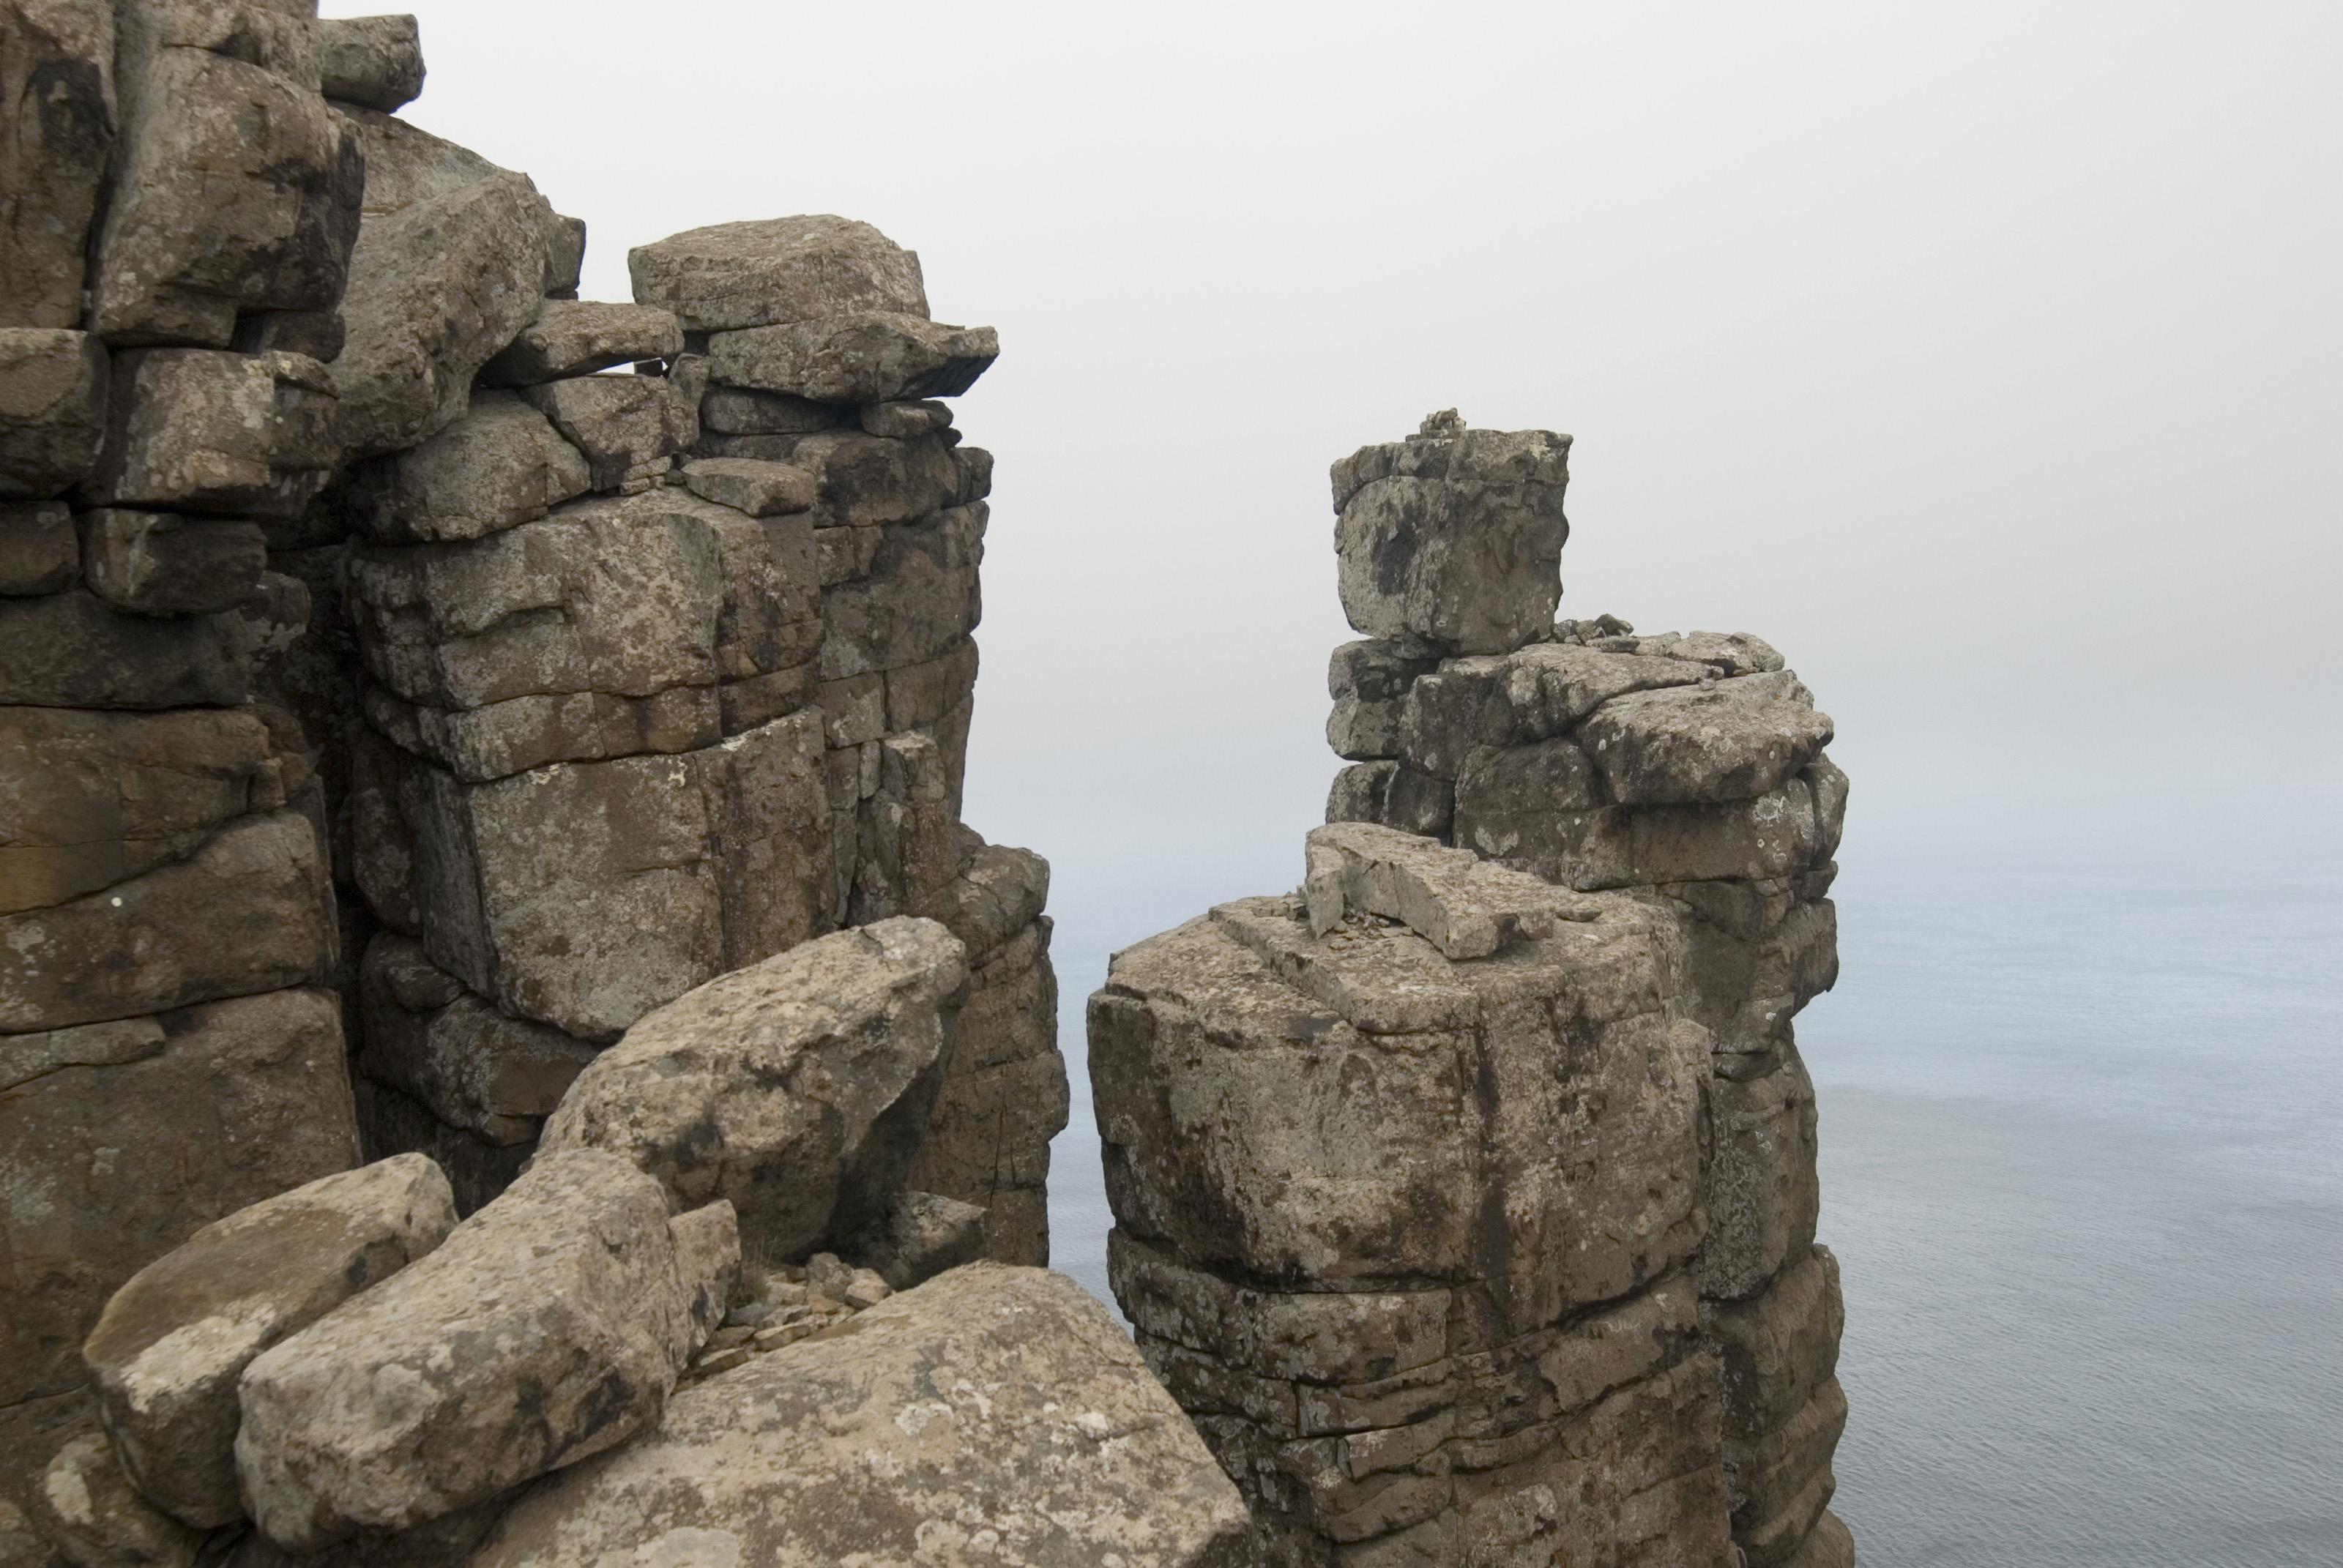 Desert Rock Pillars : Cape pillar cliff details stockarch free stock photos